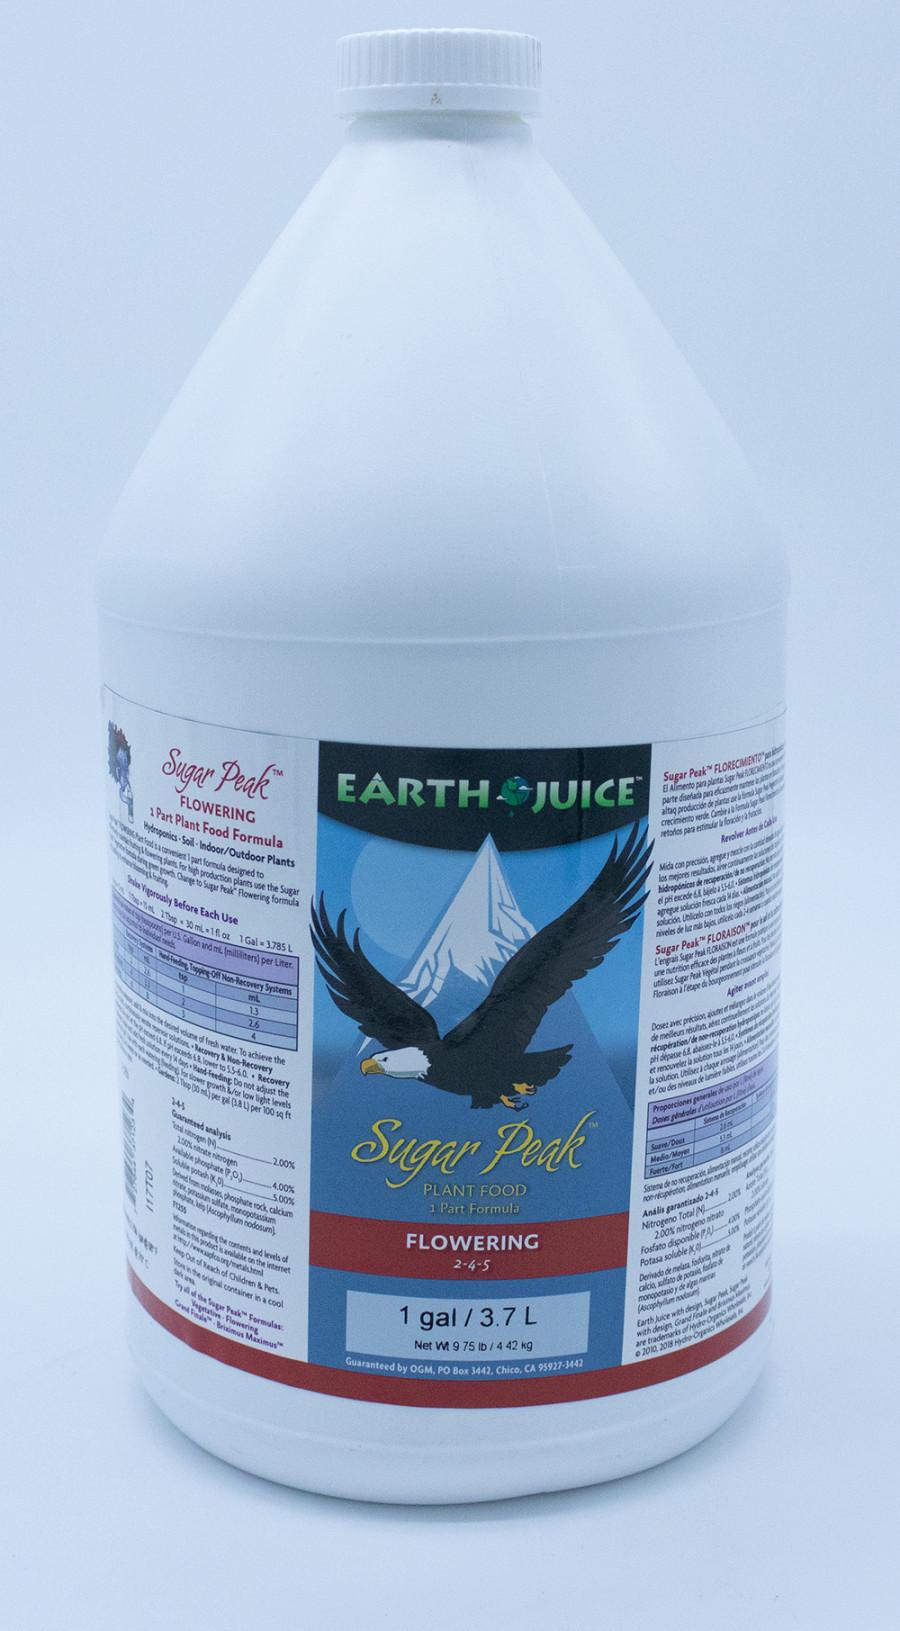 Earth Juice Sugar Peak Flowering 2-4-5 Rock Phosphate 4ea/1 gal